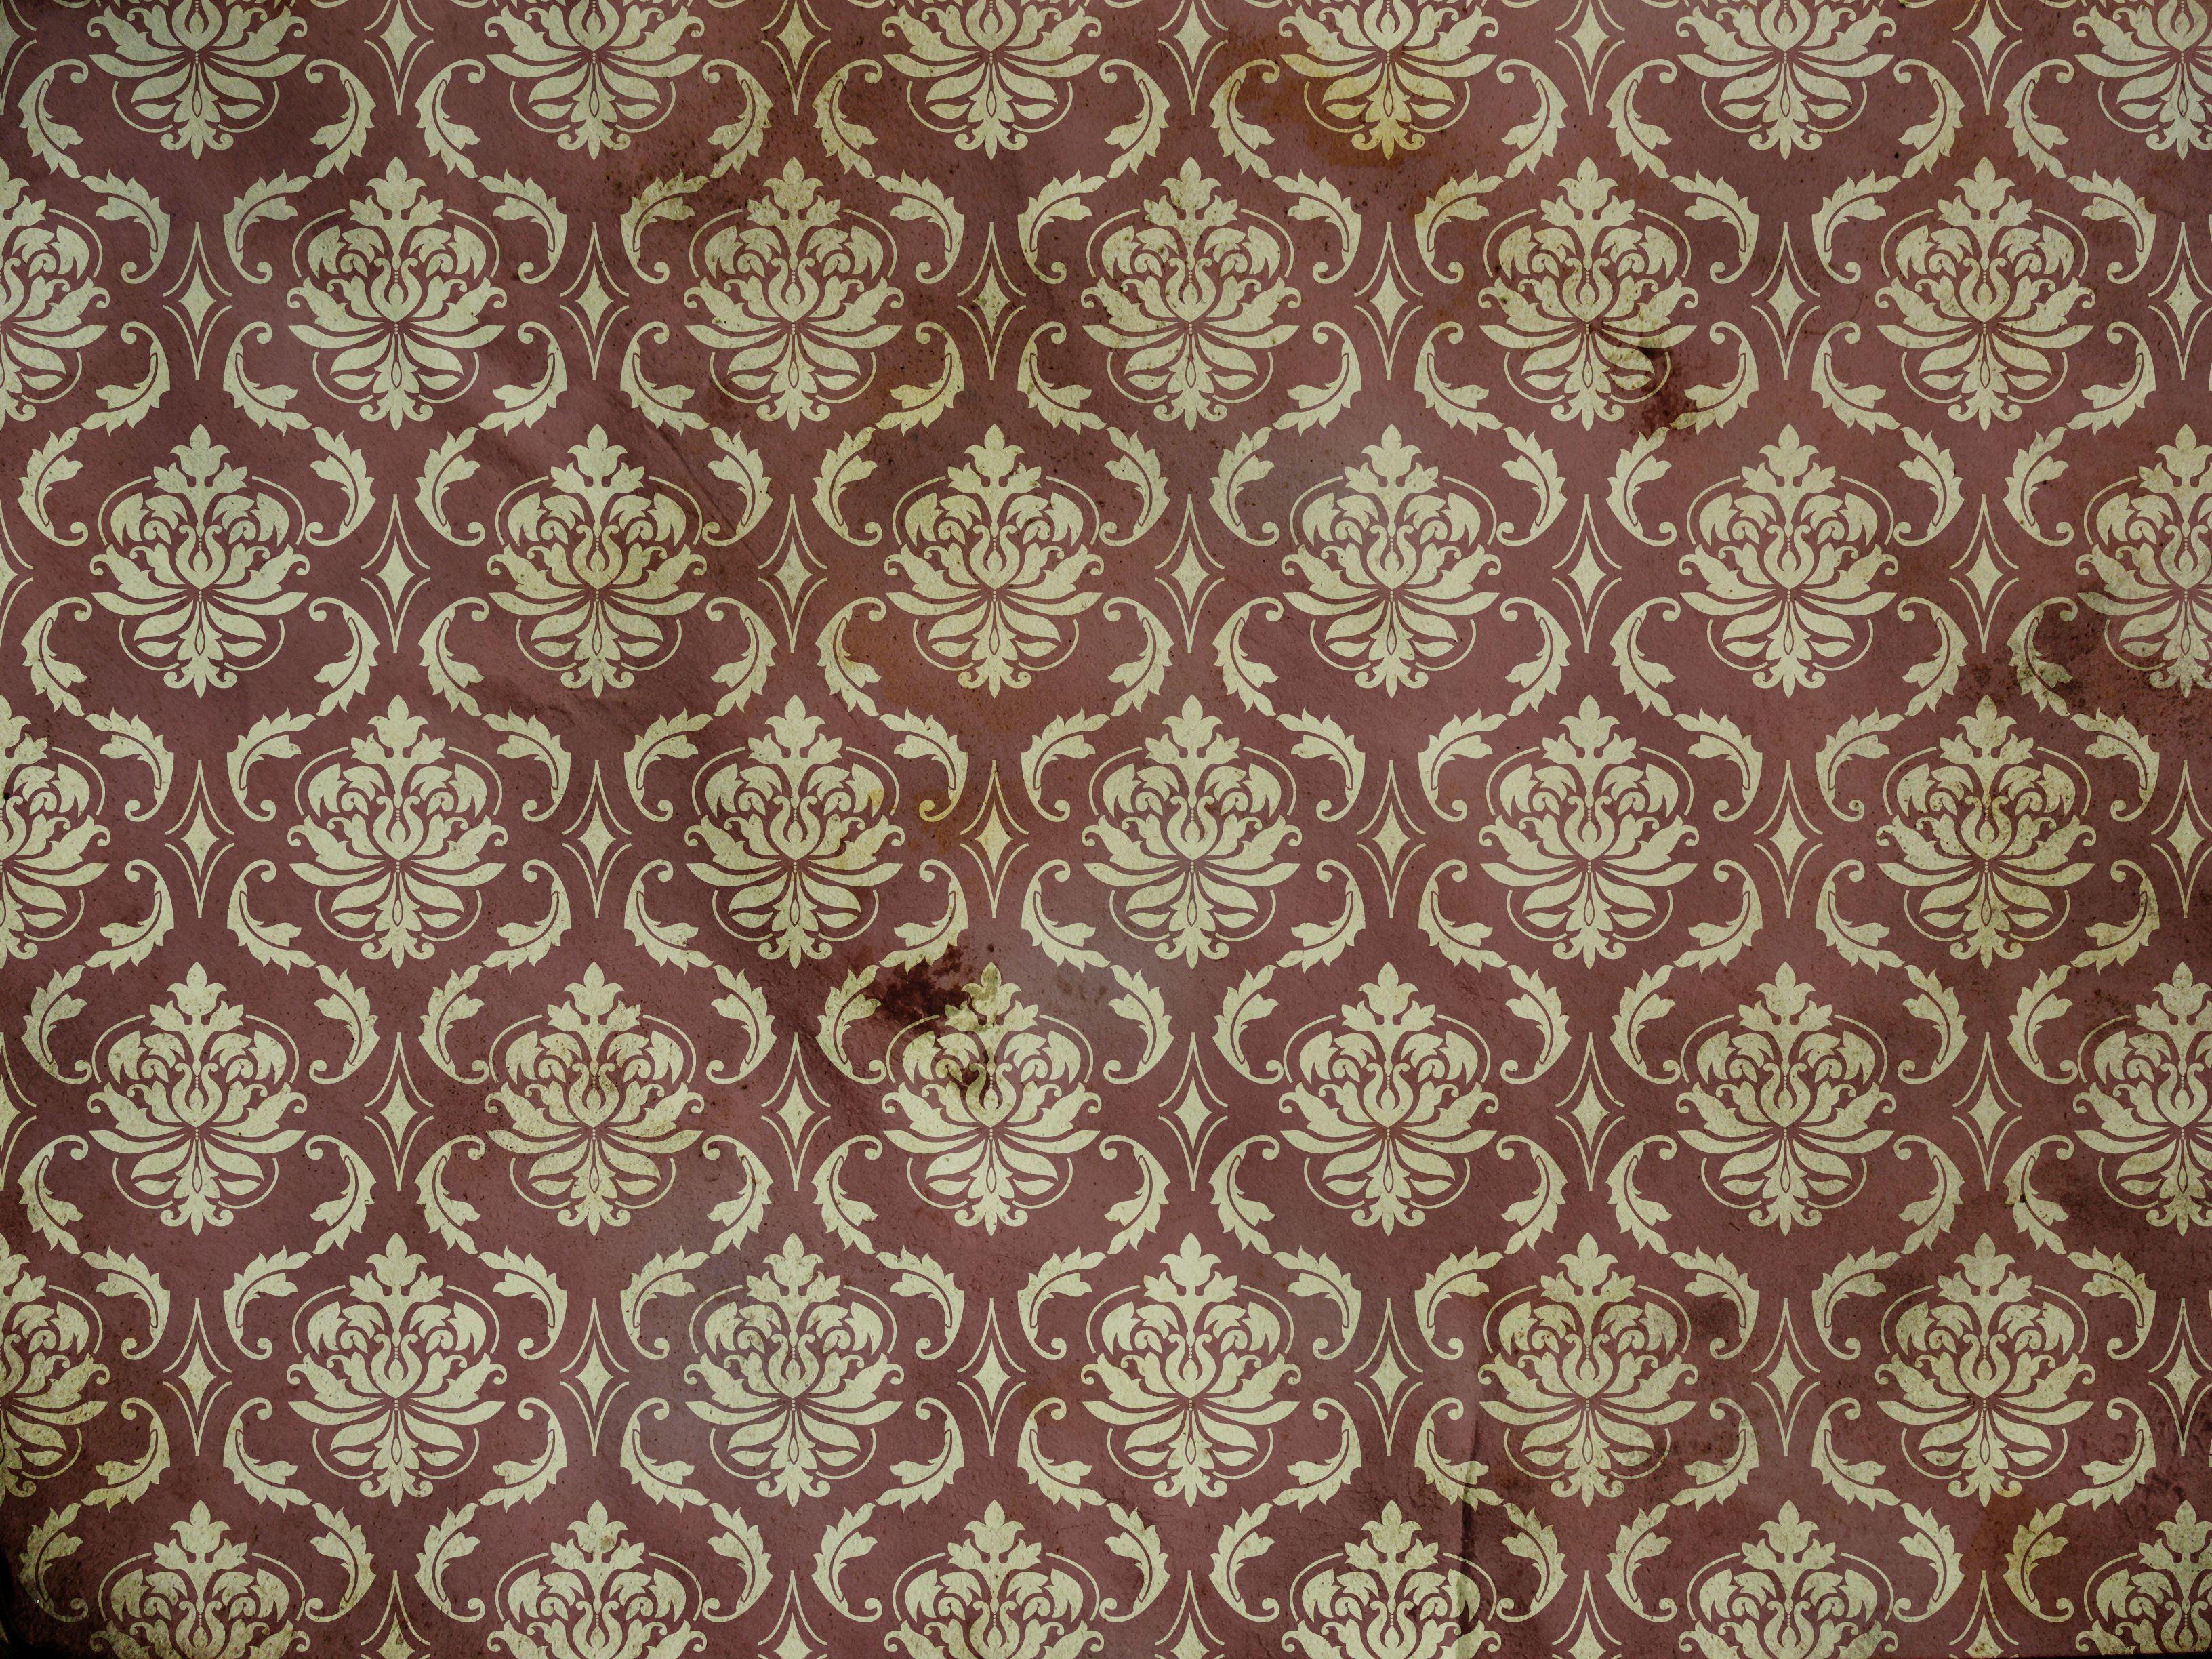 Free Vintage Paper Wallpaper Texture Texture L T Textured Wallpaper Paper Wallpaper Paper Texture Wallpaper